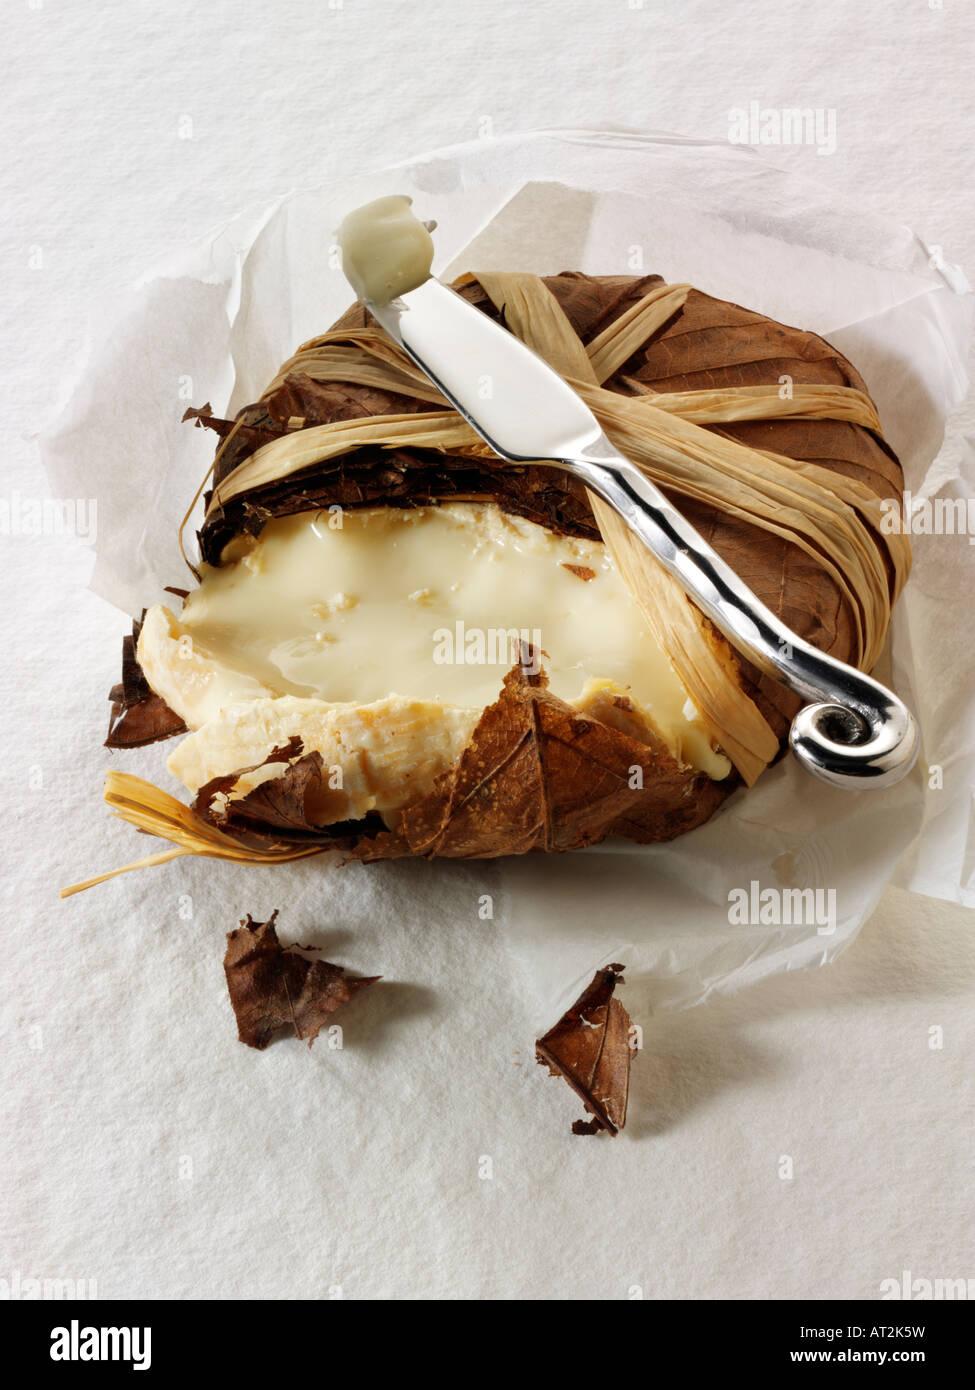 Francese morbido Bannon formaggio di capra dalla Provenza in foglie contro uno sfondo bianco Immagini Stock